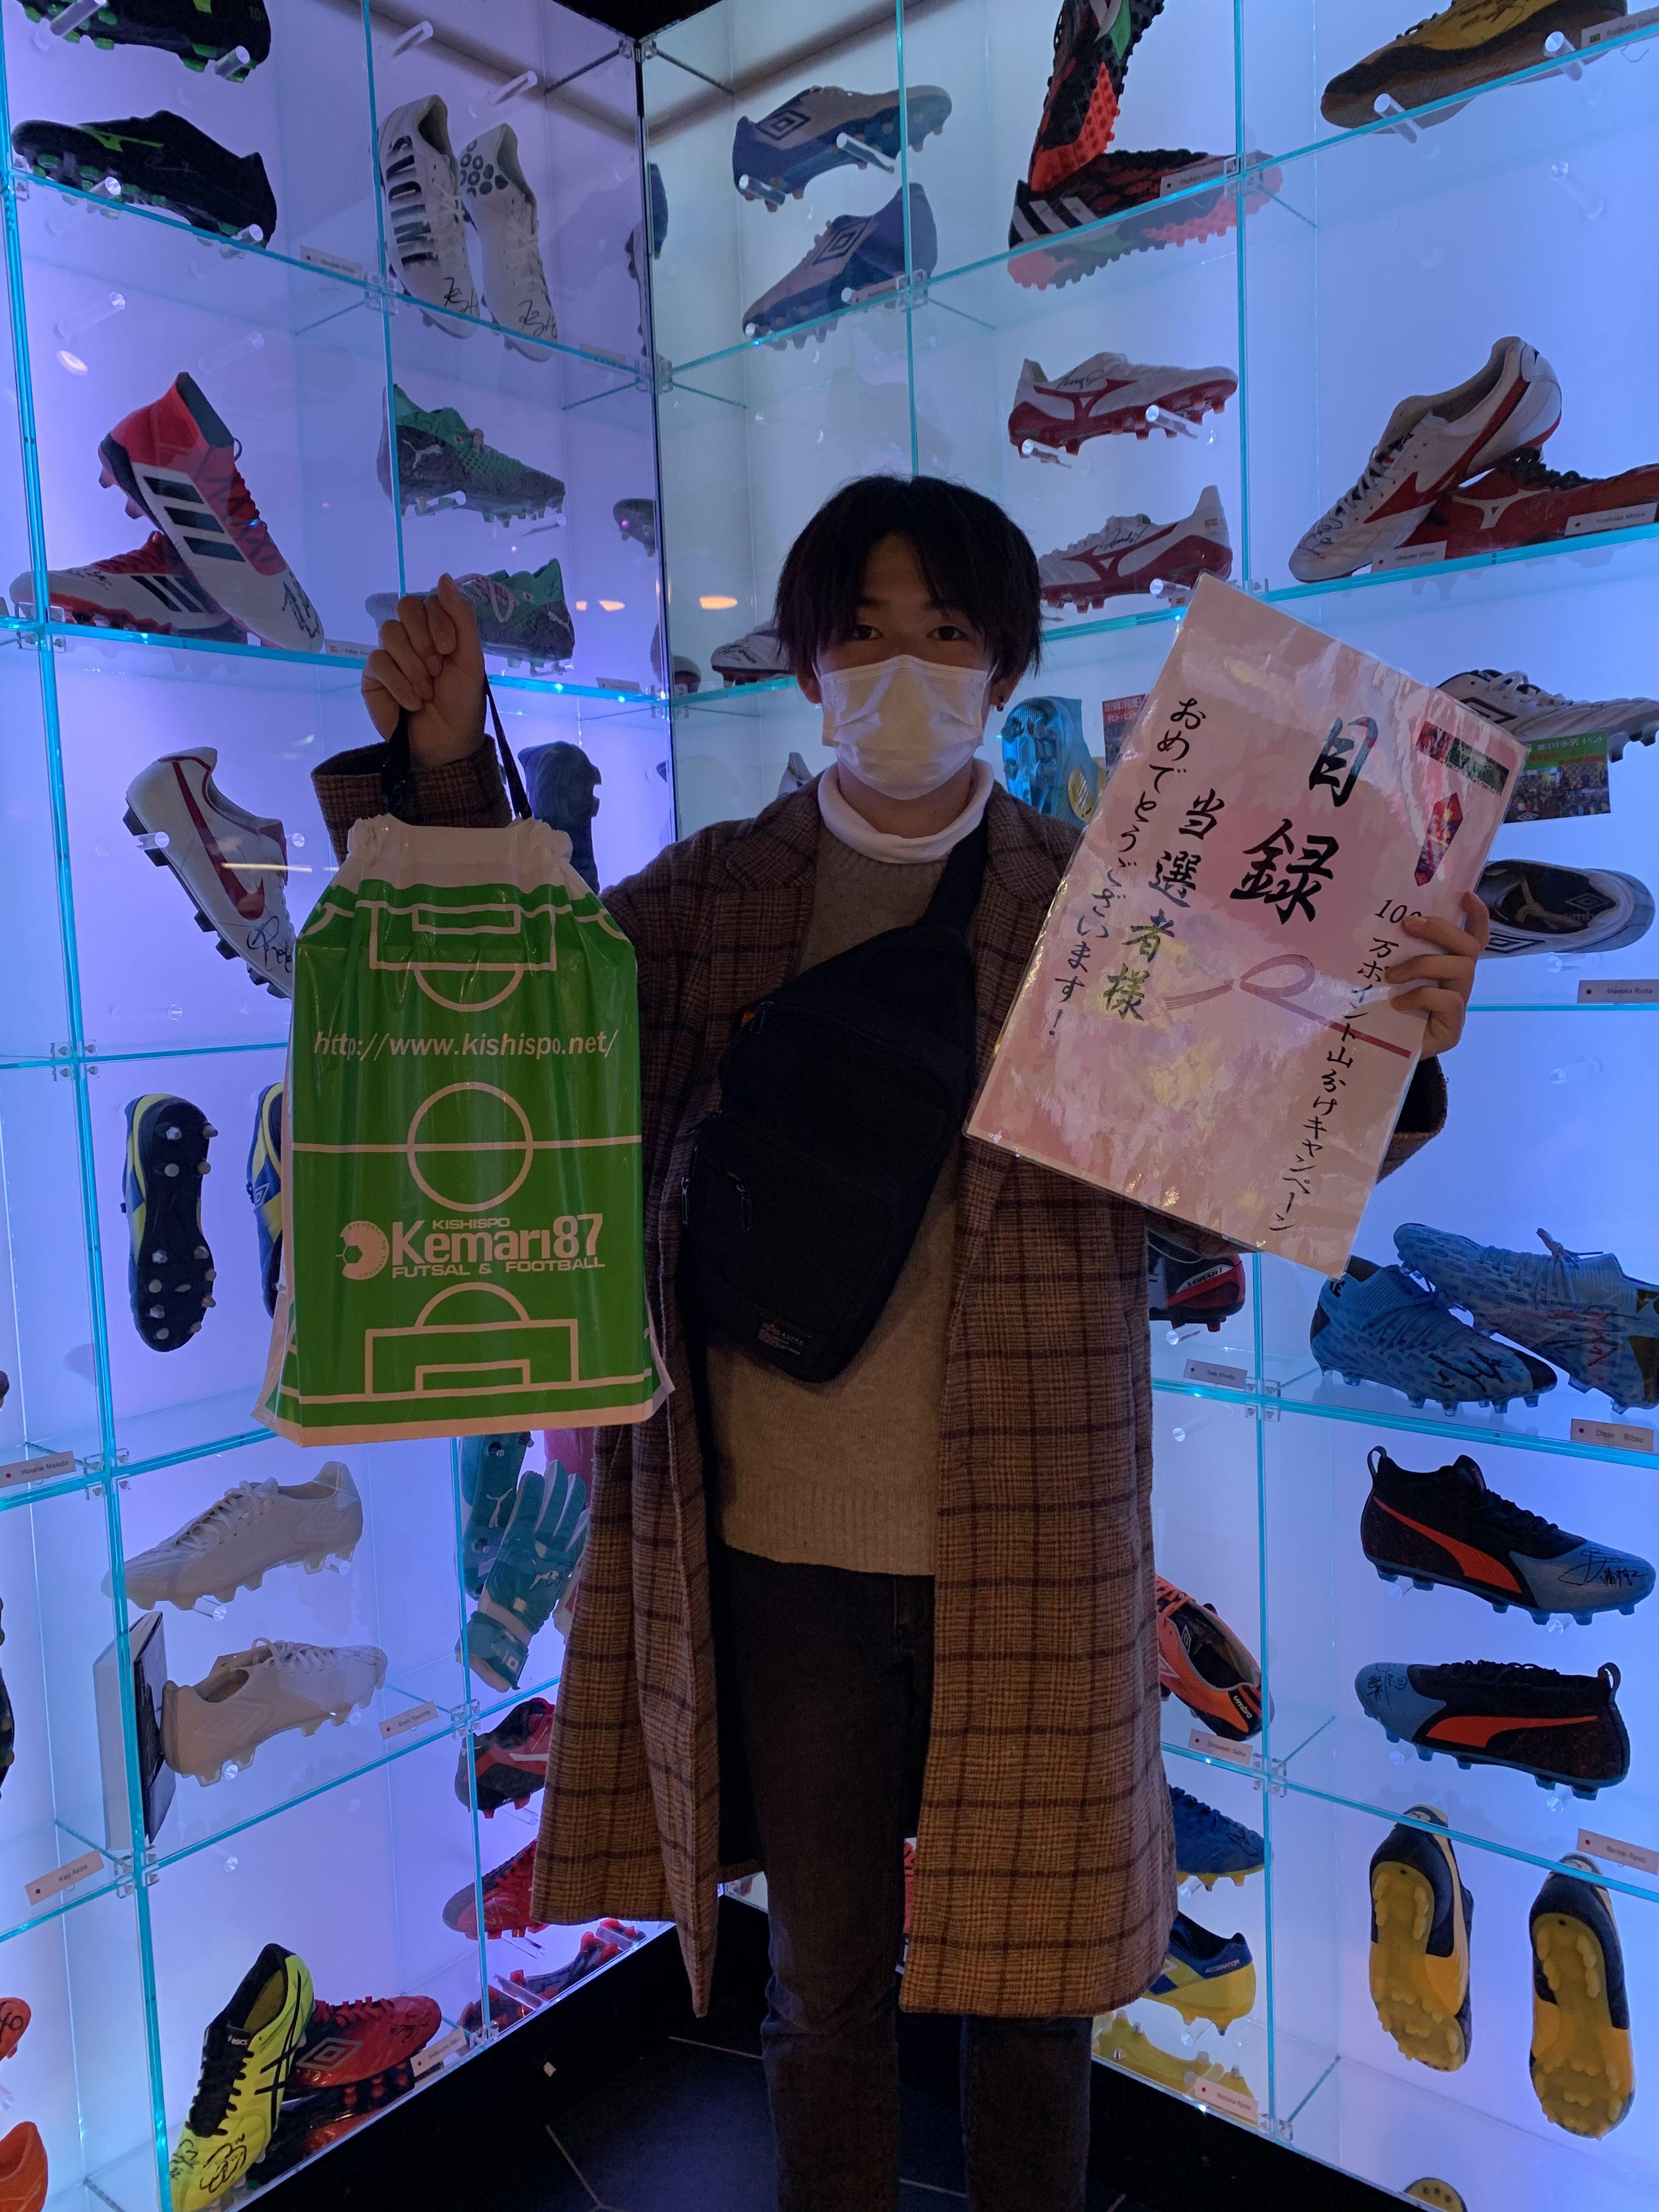 100万ポイント山分けキャンペーン当選者ご来店